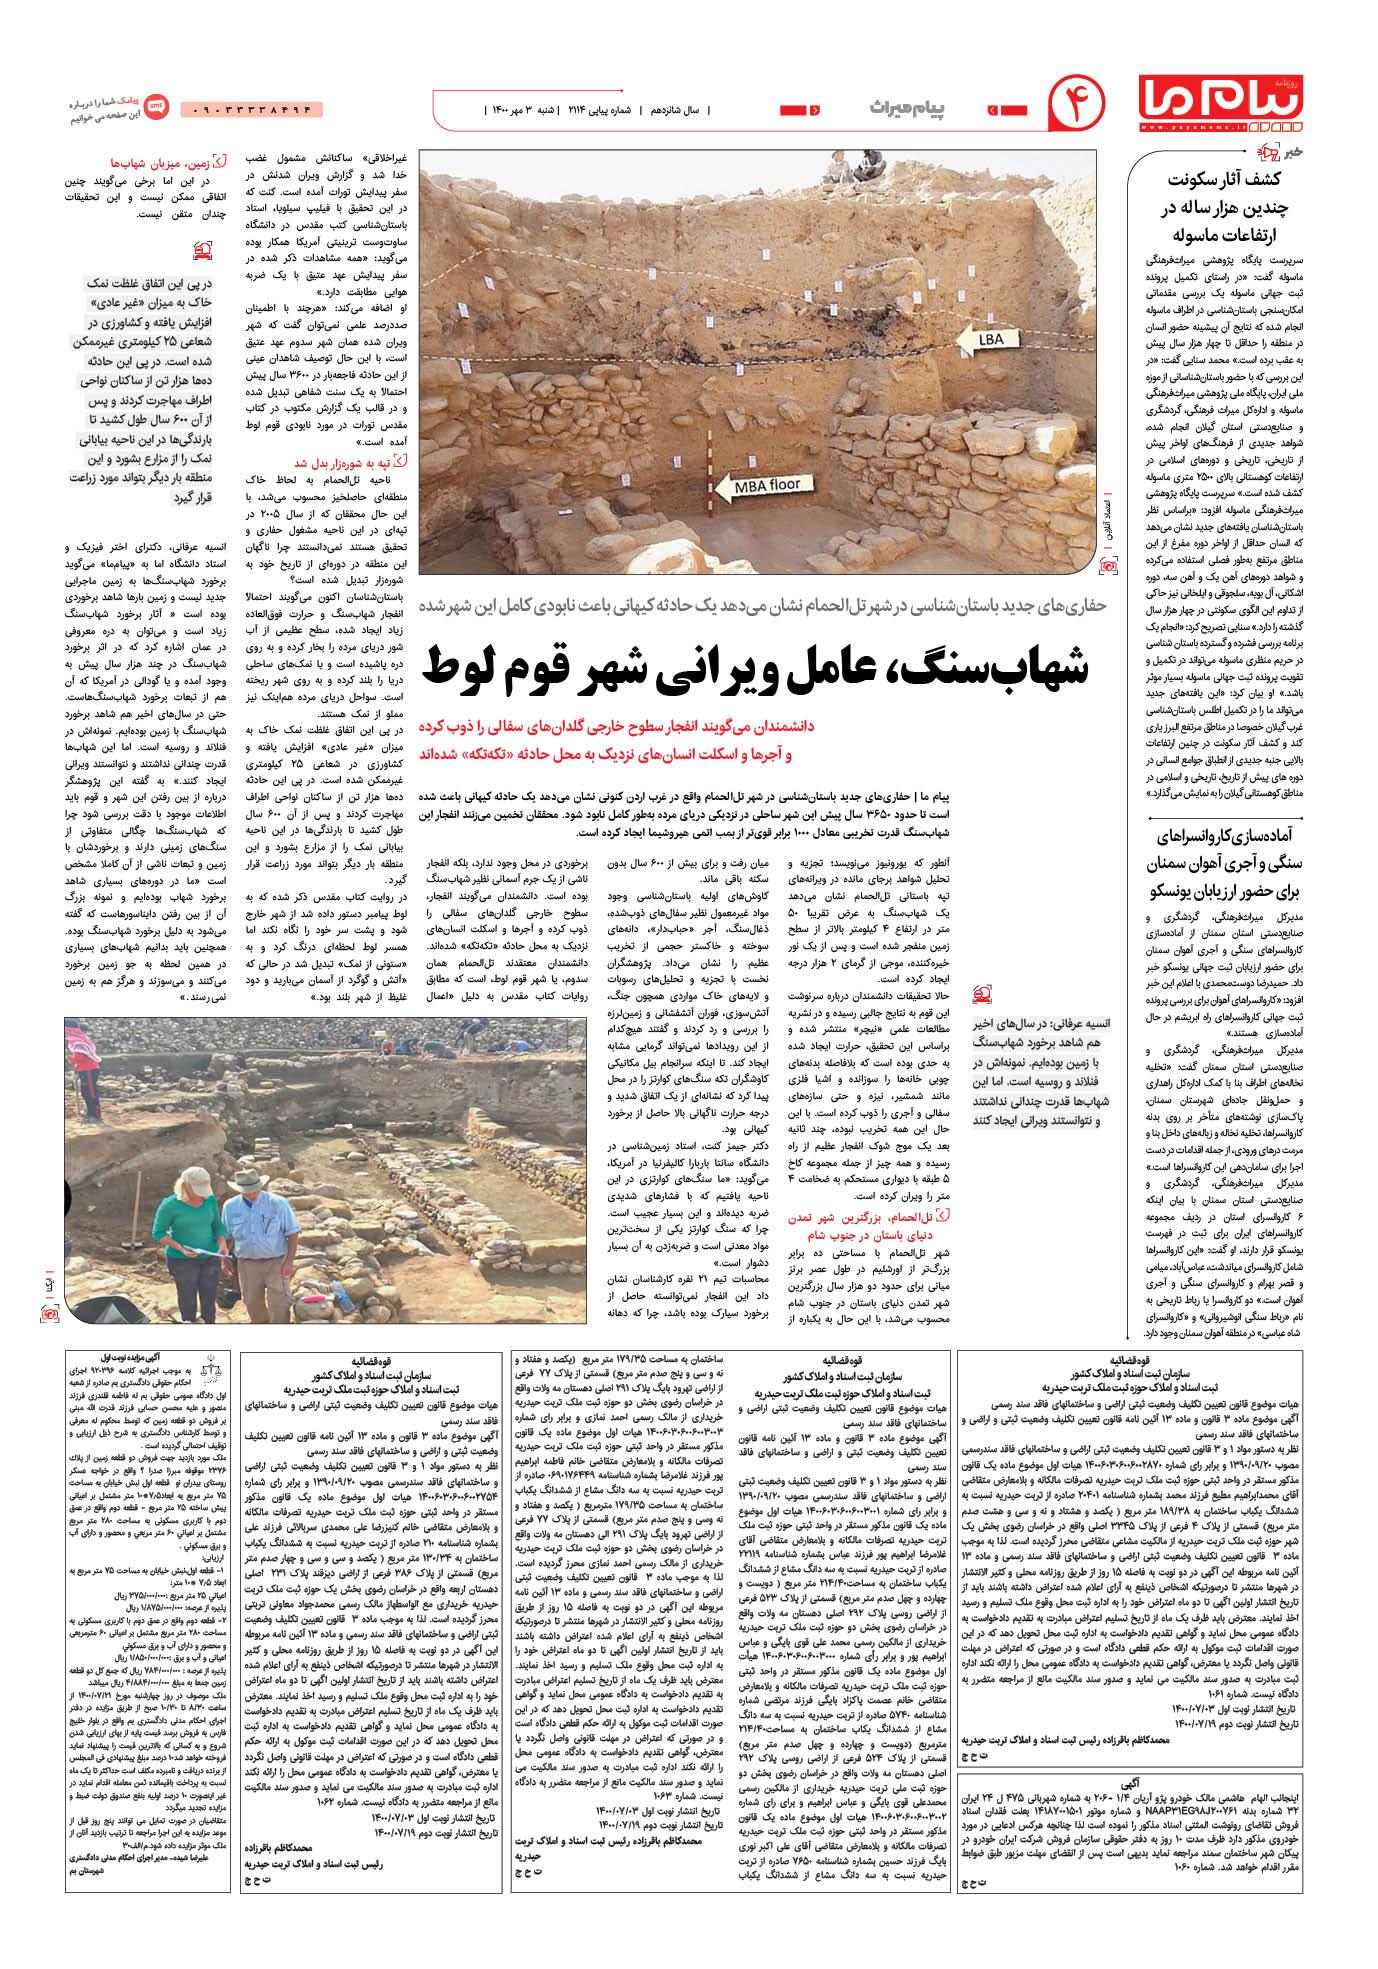 صفحه پیام میراث شماره 2114 روزنامه پیام ما